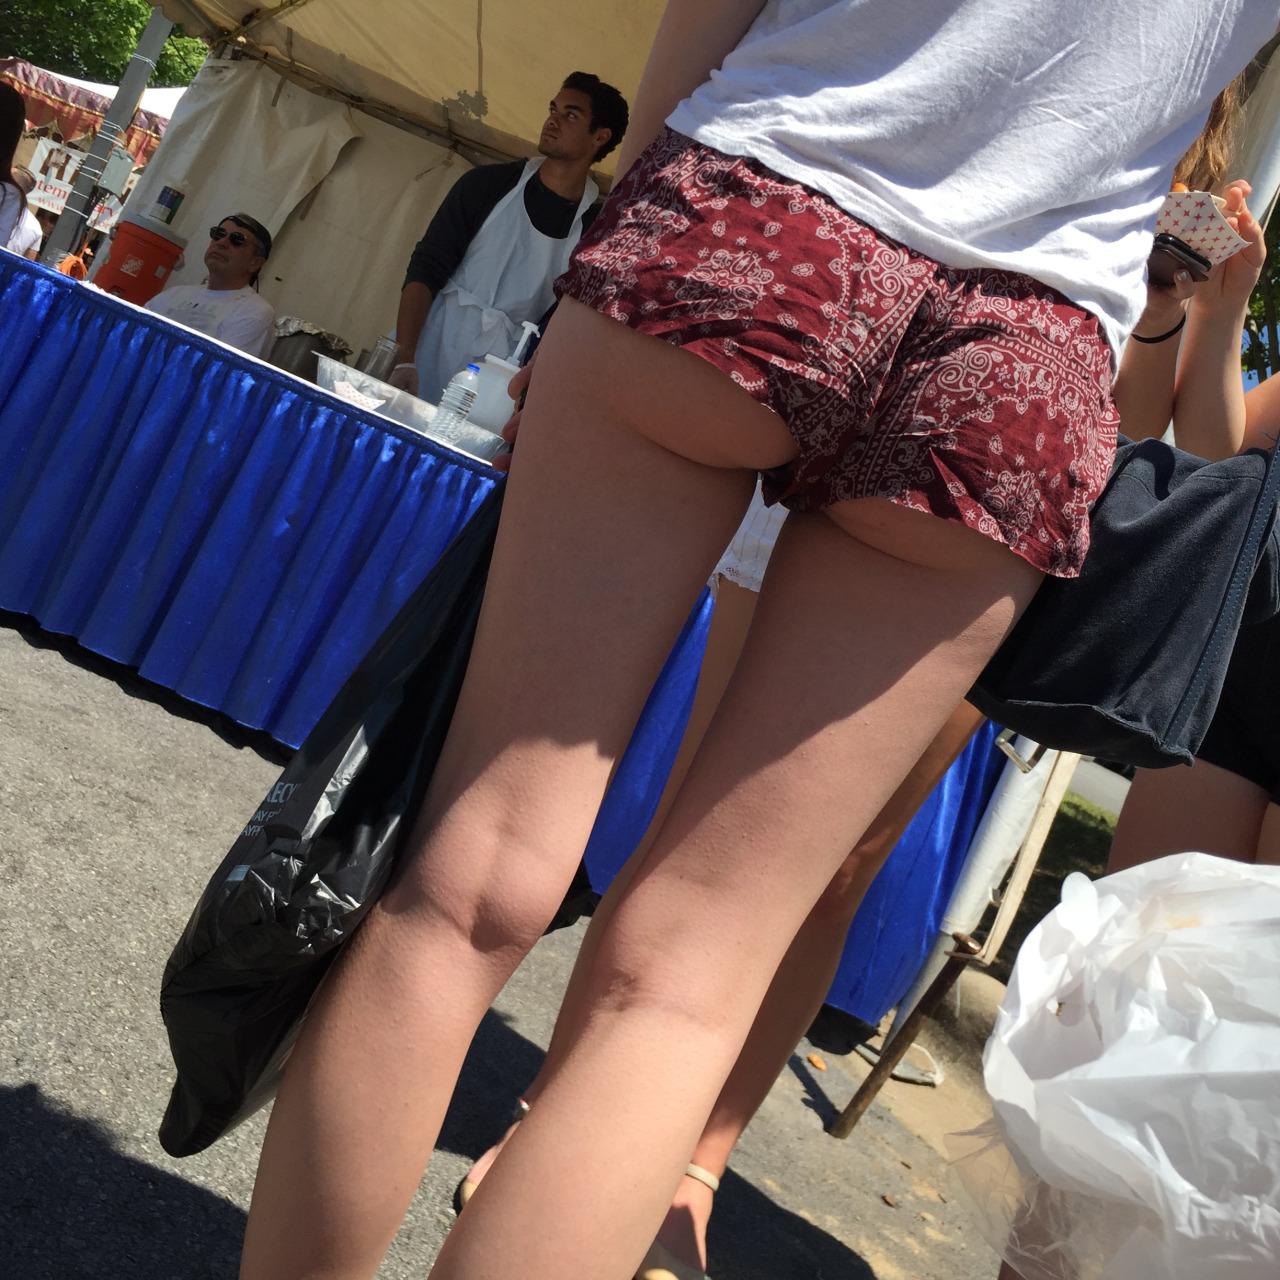 【ハミ尻エロ画像】たかが端っこではないwホットパンツァーの貴重な尻出しwww 13